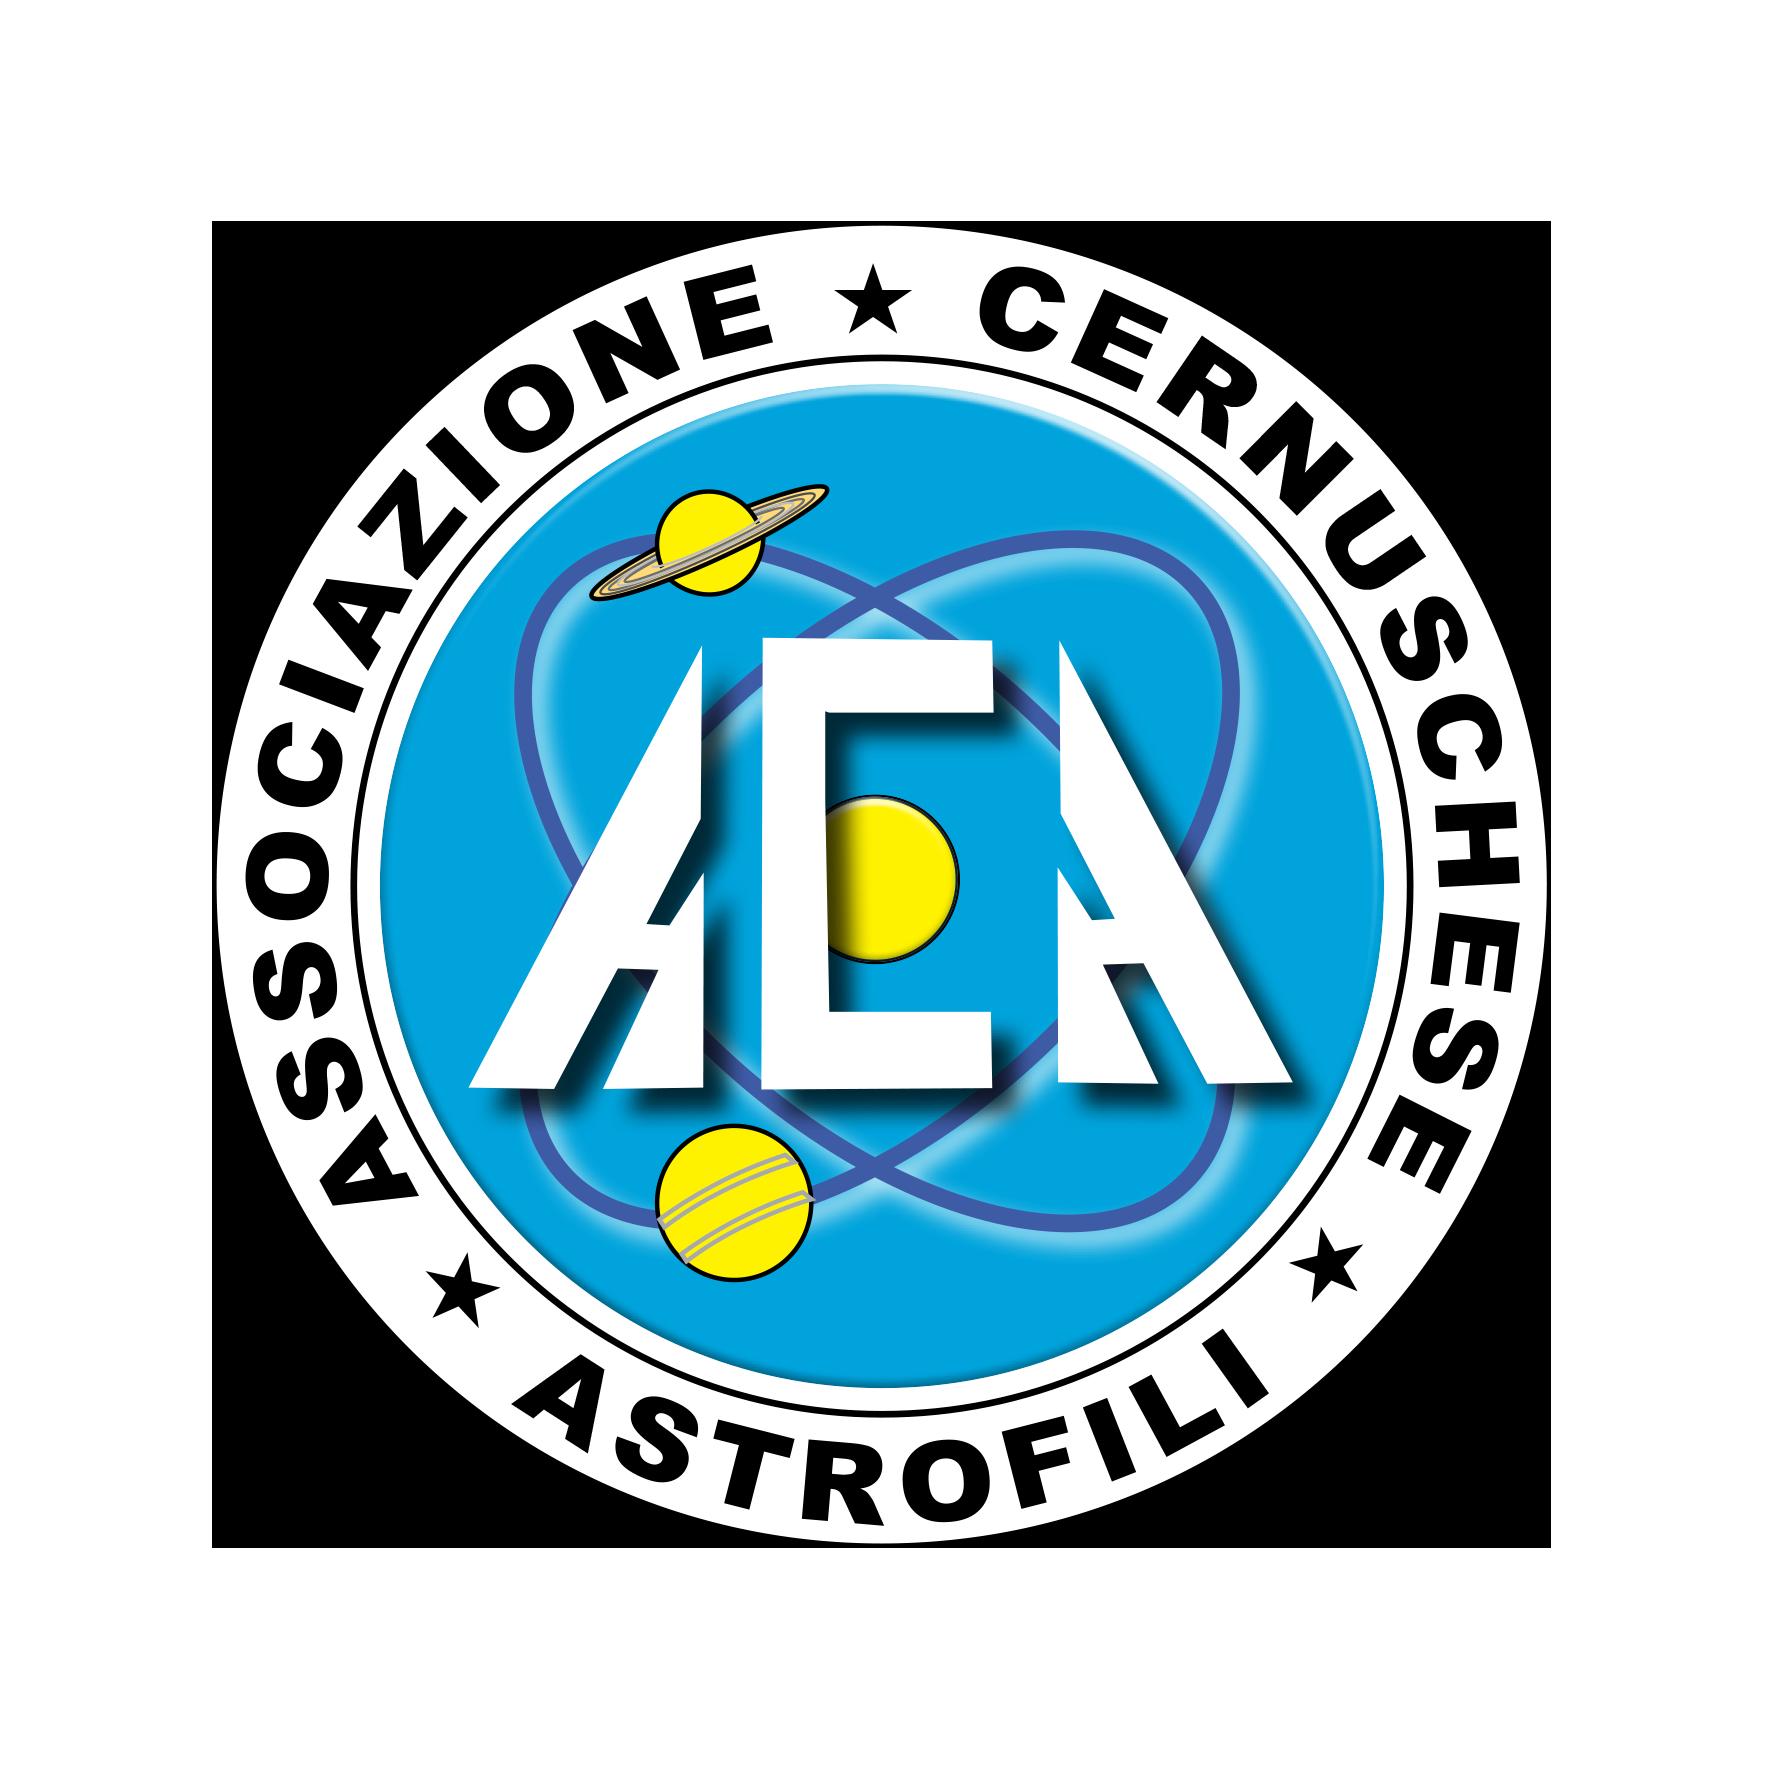 Associazione Cernuschese Astrofili